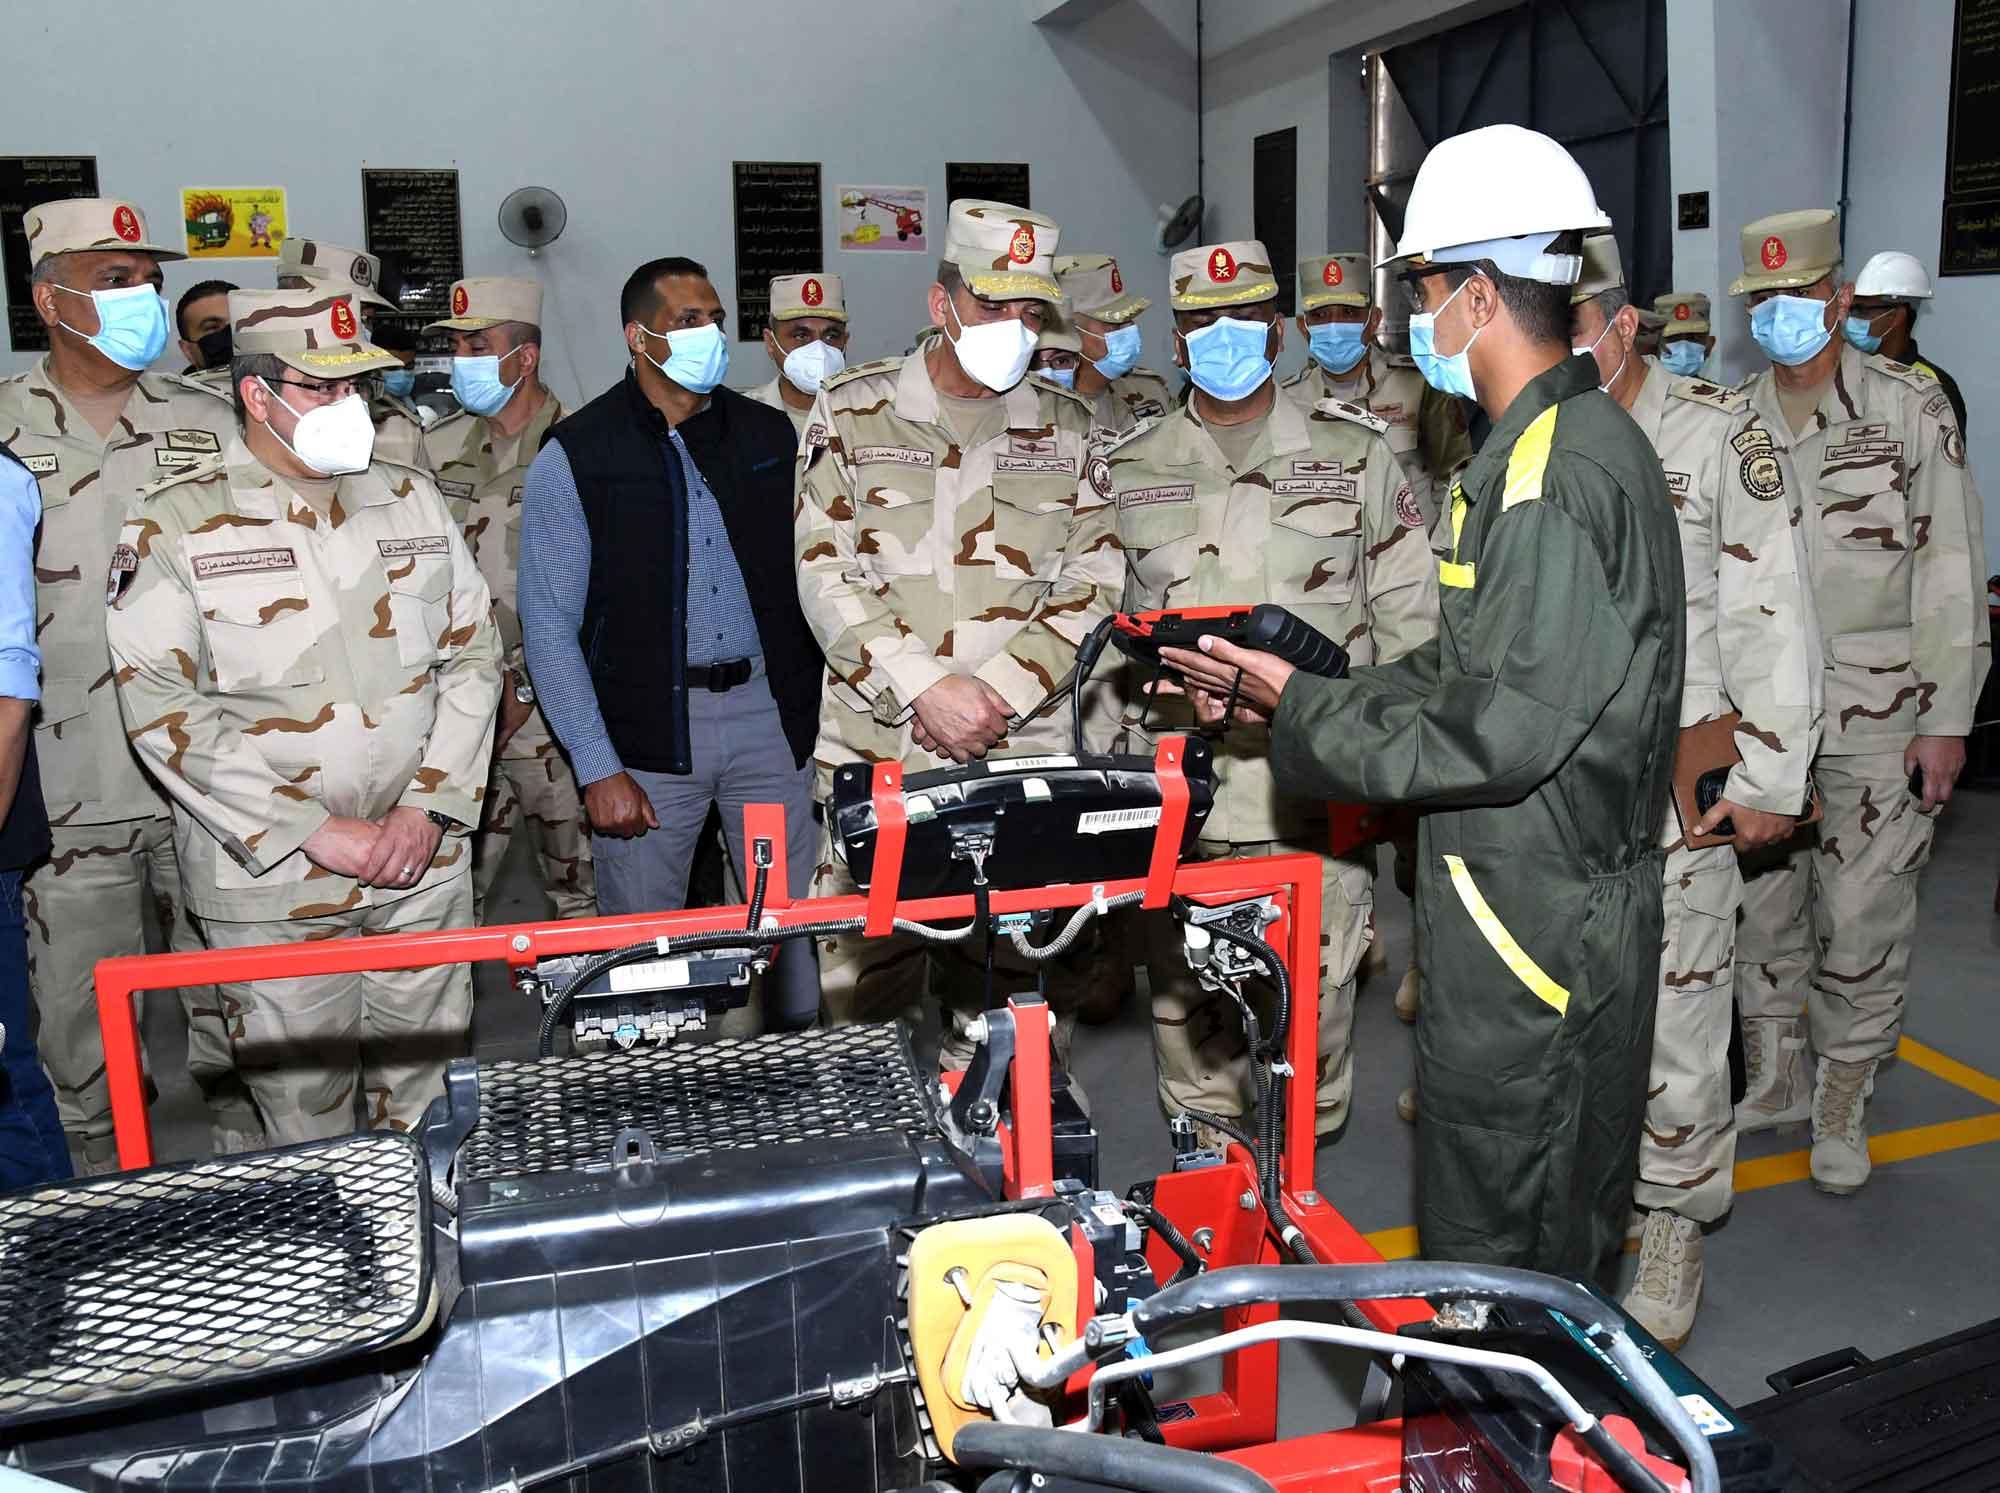 صور| وزير الدفاع والإنتاج الحربي يتفقد المنظومة التعليمية بأحد المراكز التدريبية للقوات المسلحة